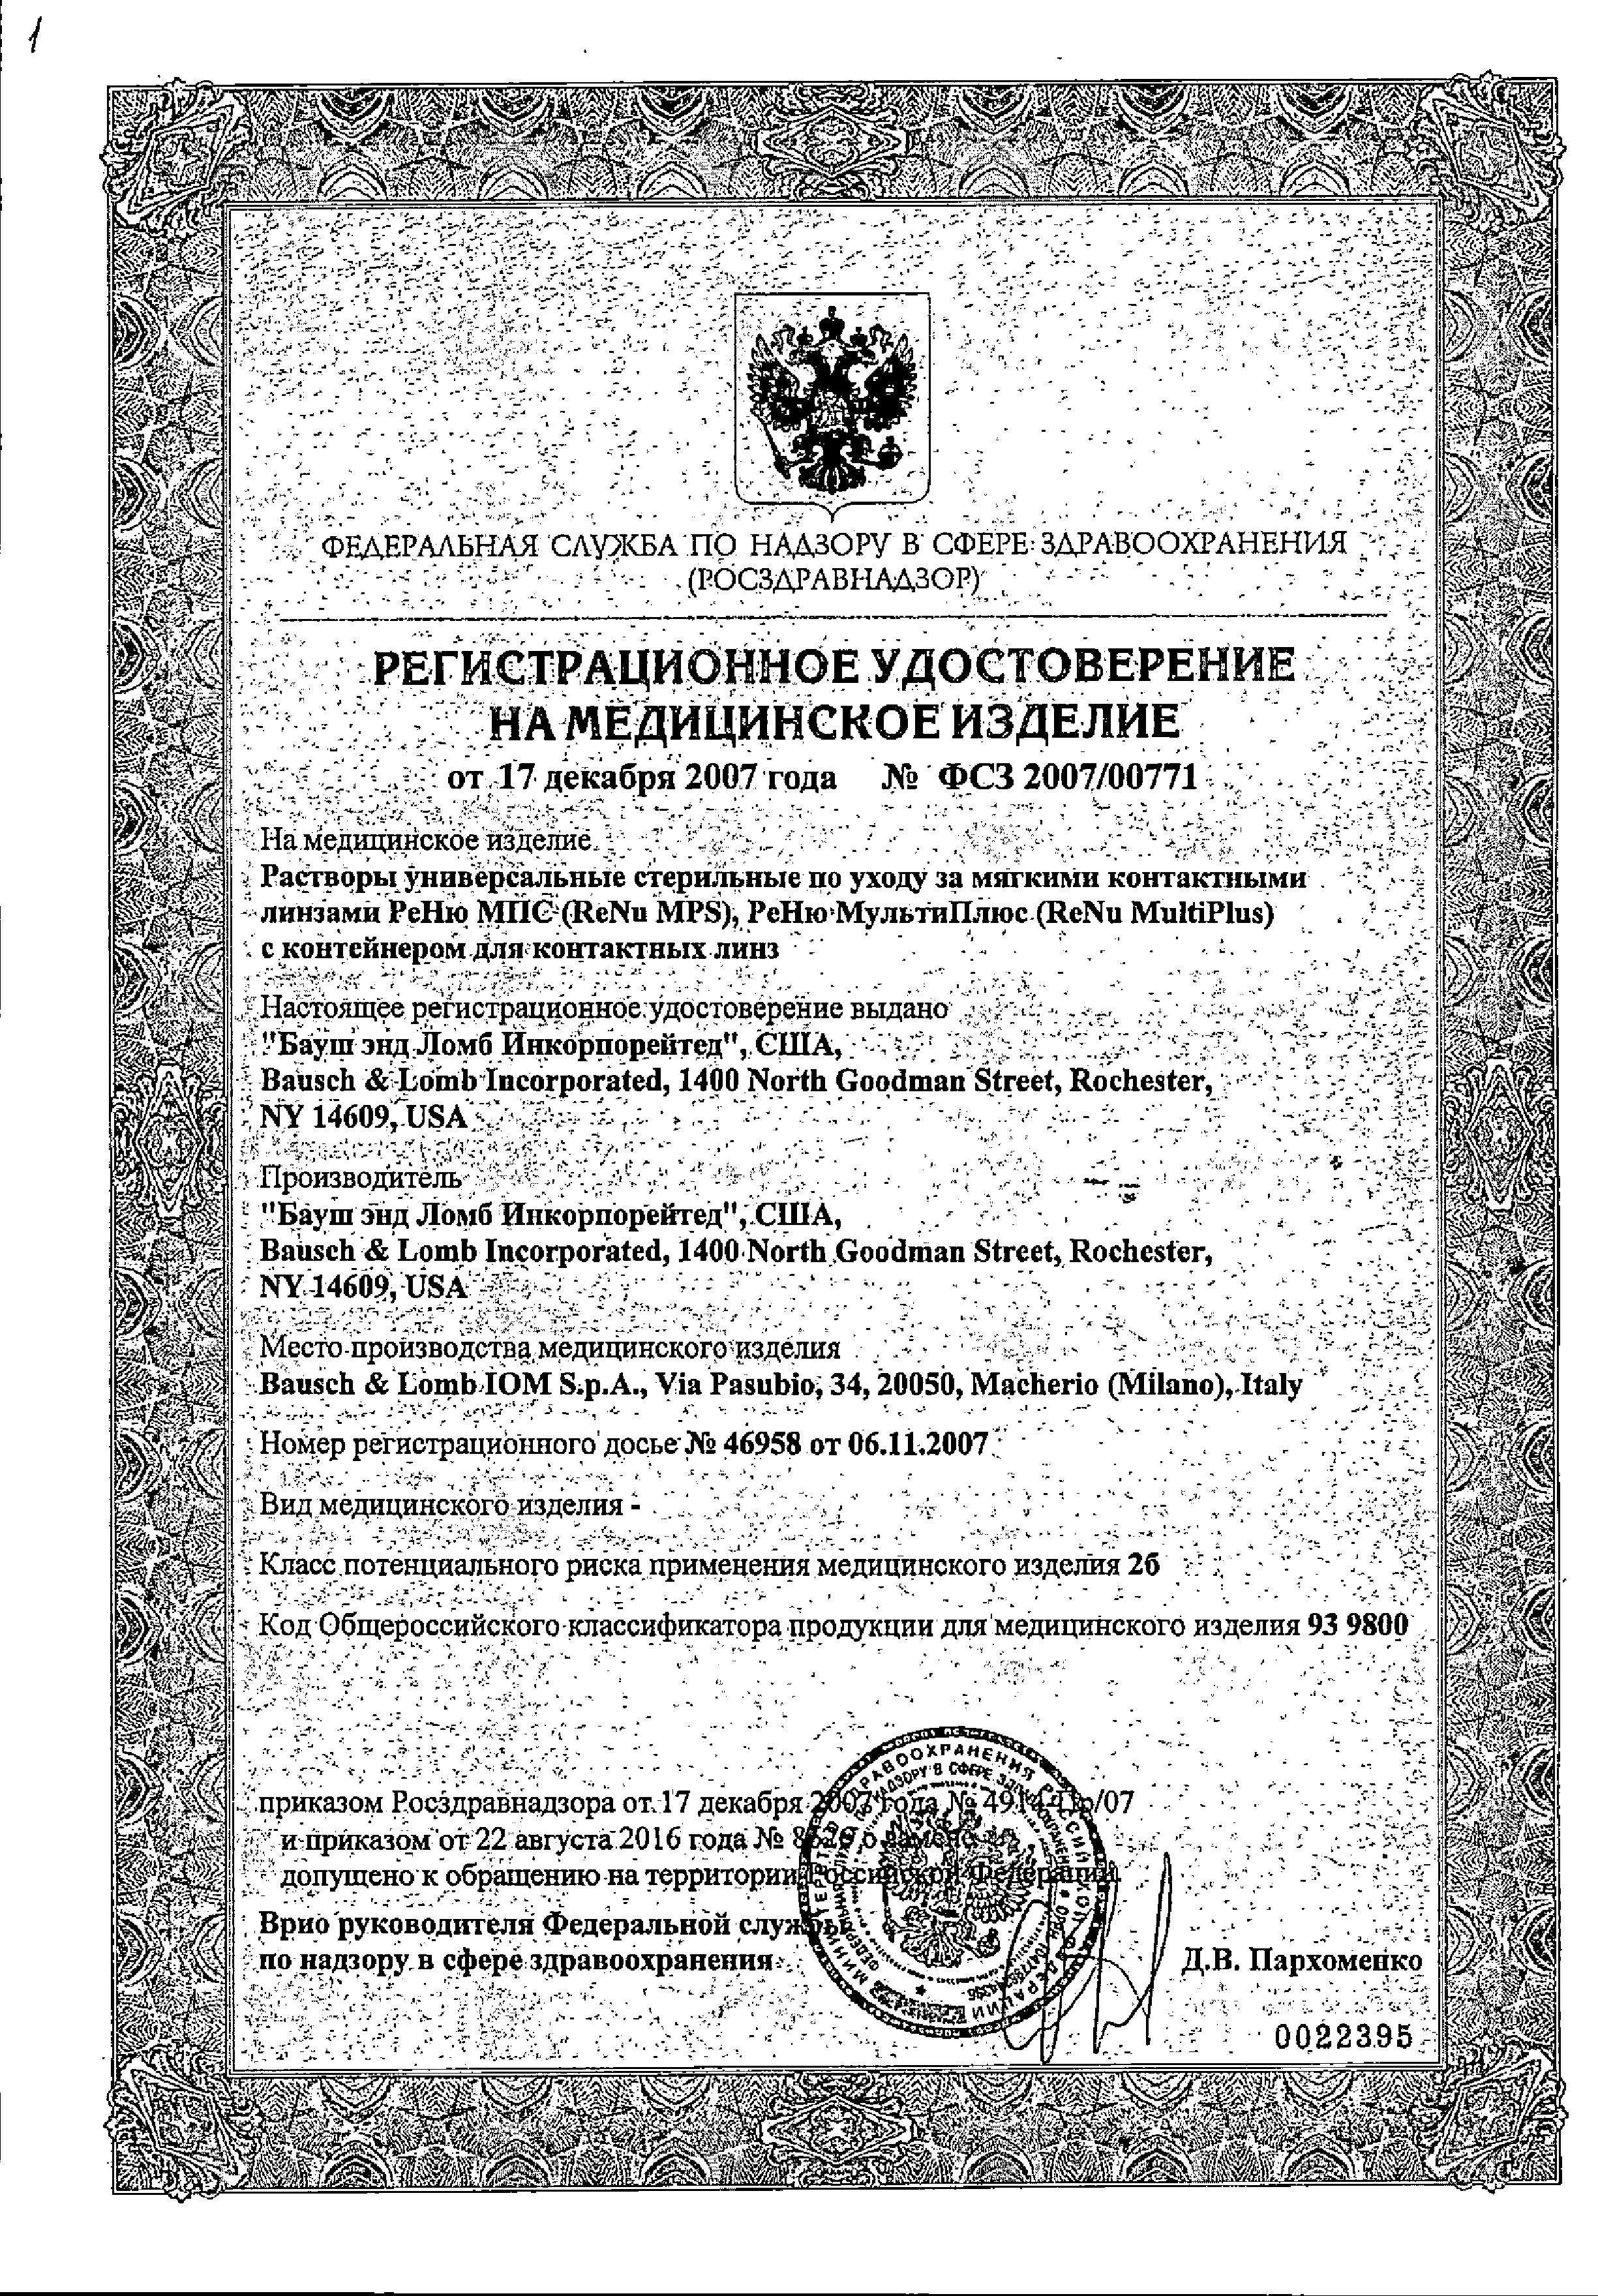 ReNu MPS для чувствительных глаз сертификат